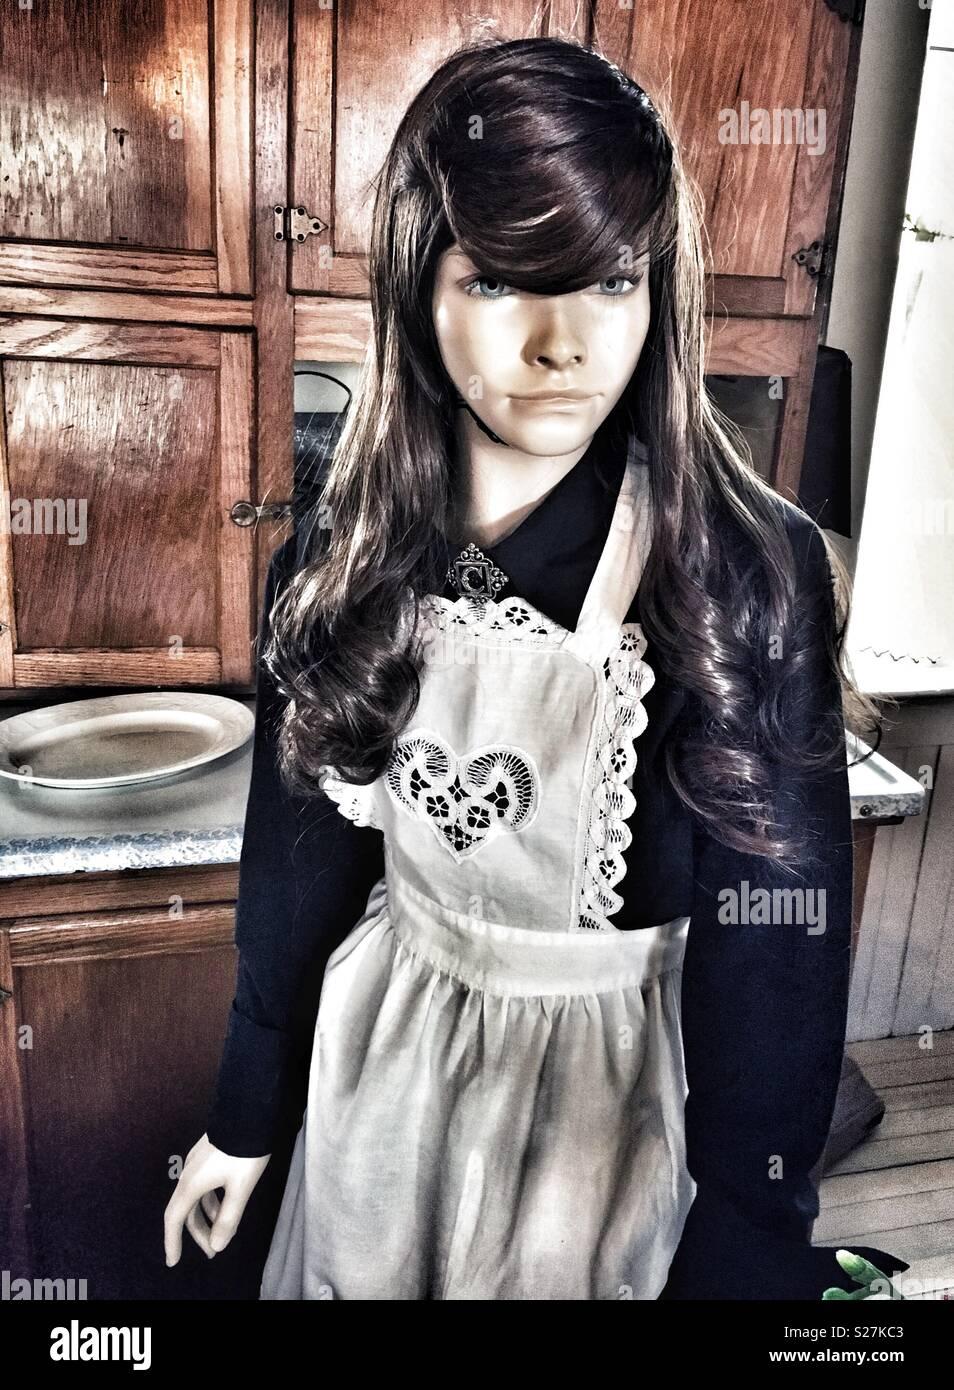 987d3390a9cb Manichino con capelli lunghi marrone in bianco Lacey cuore grembiule e abito  nero Immagini Stock